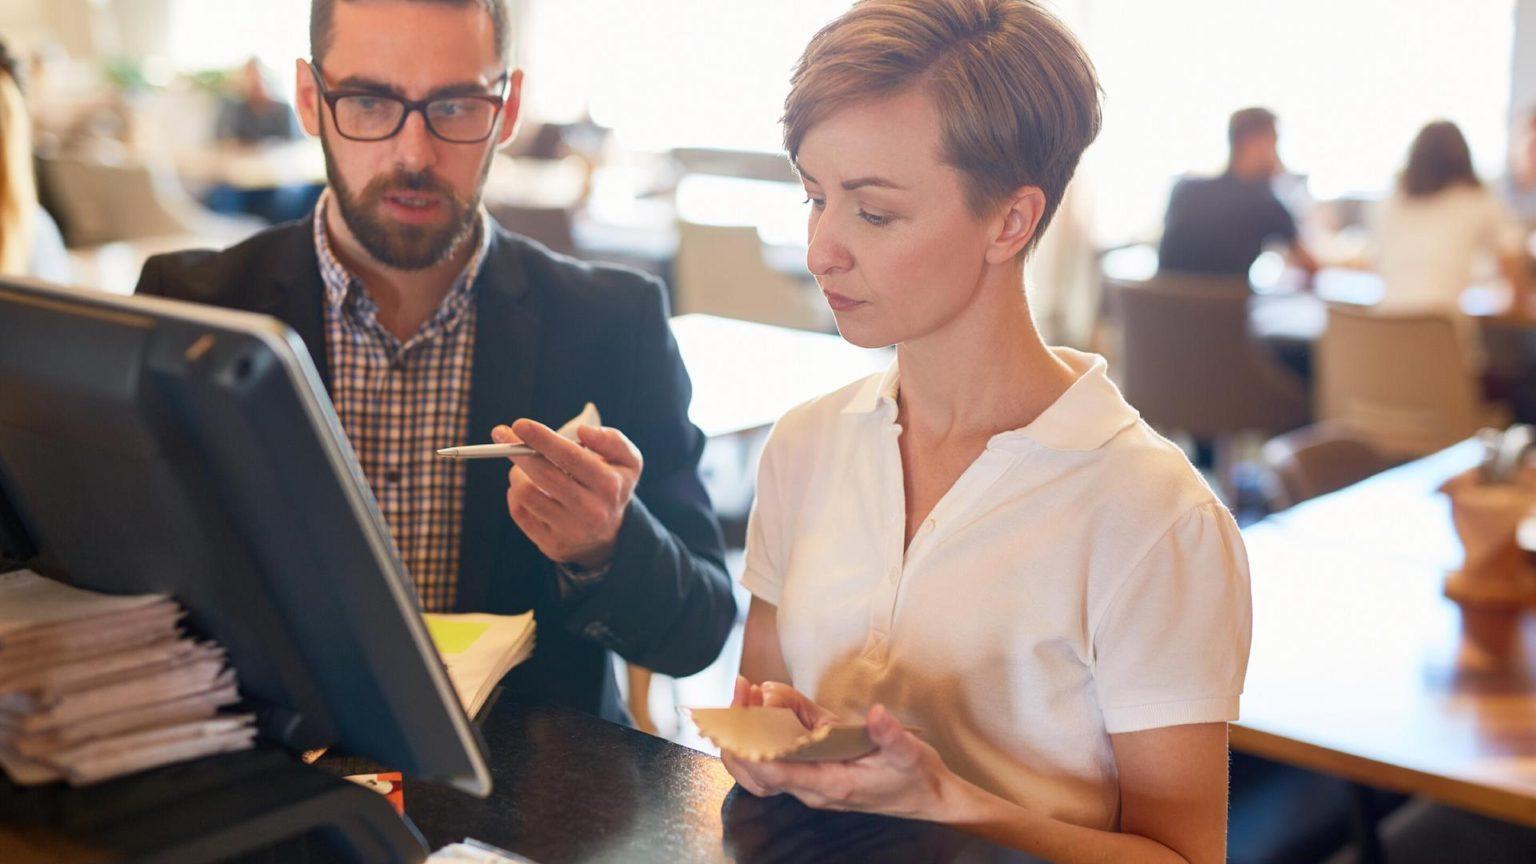 retail staff coaching